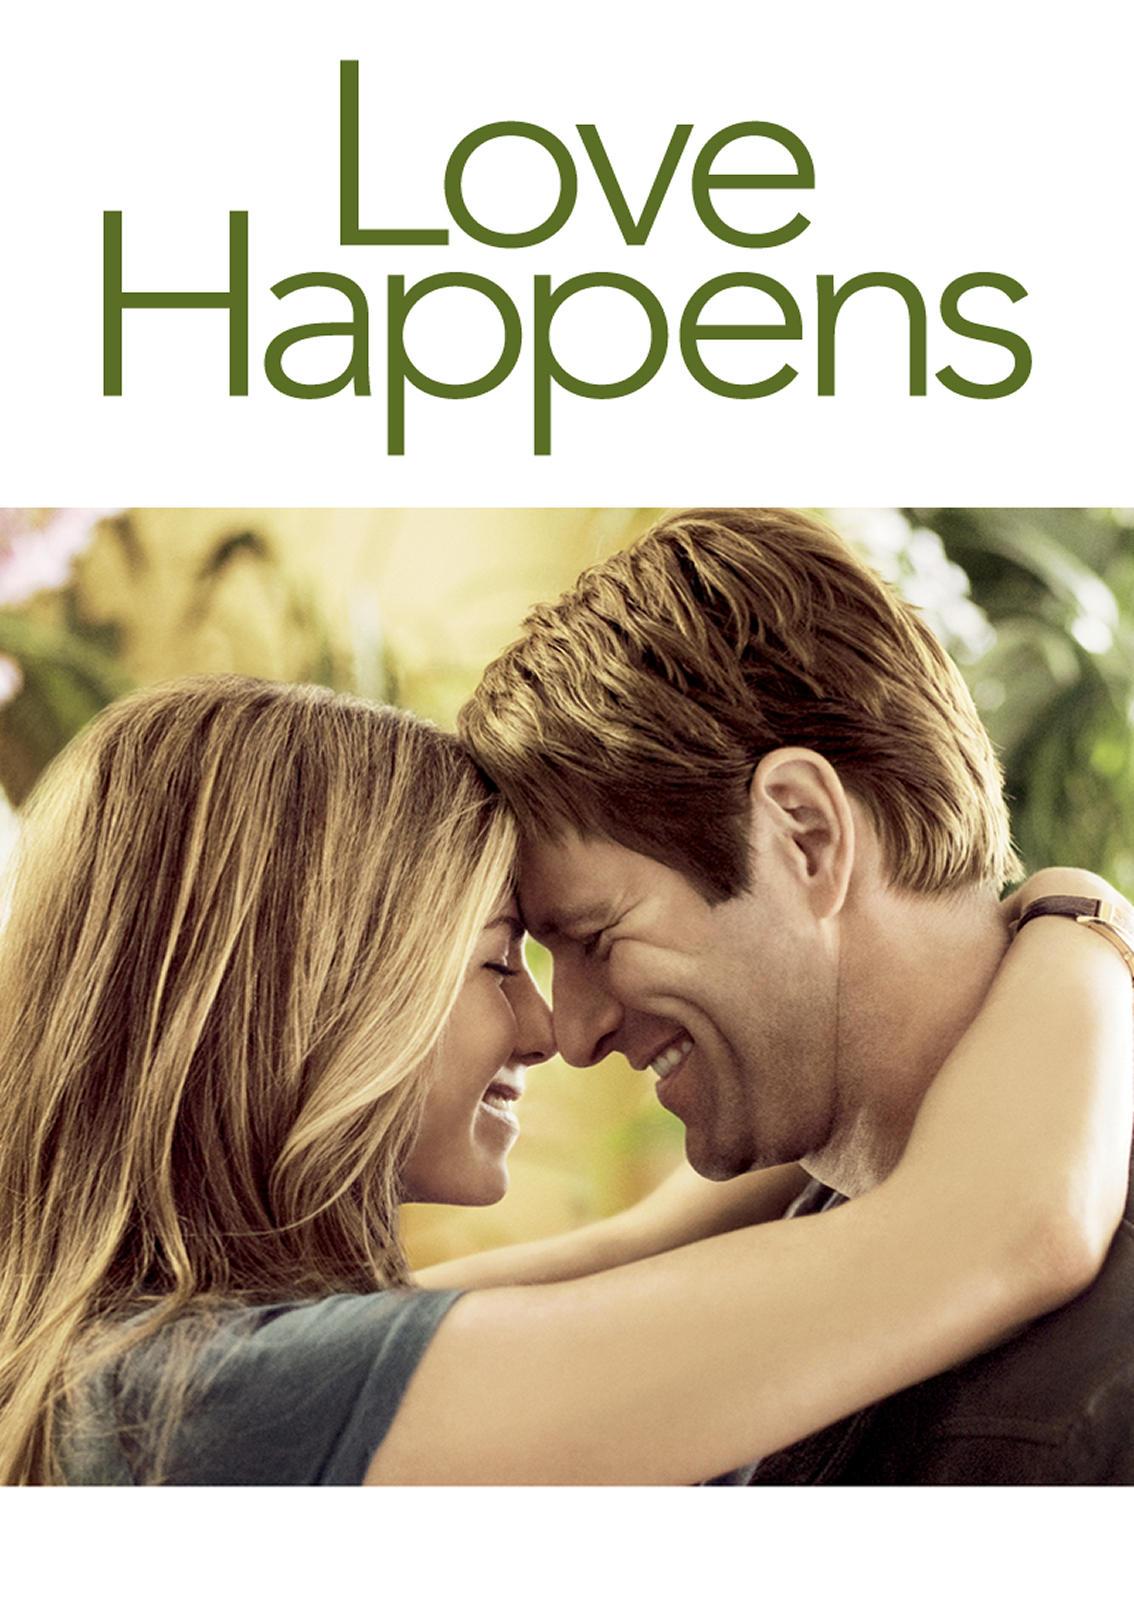 Love Happens (2009) | Kaleidescape Movie Store